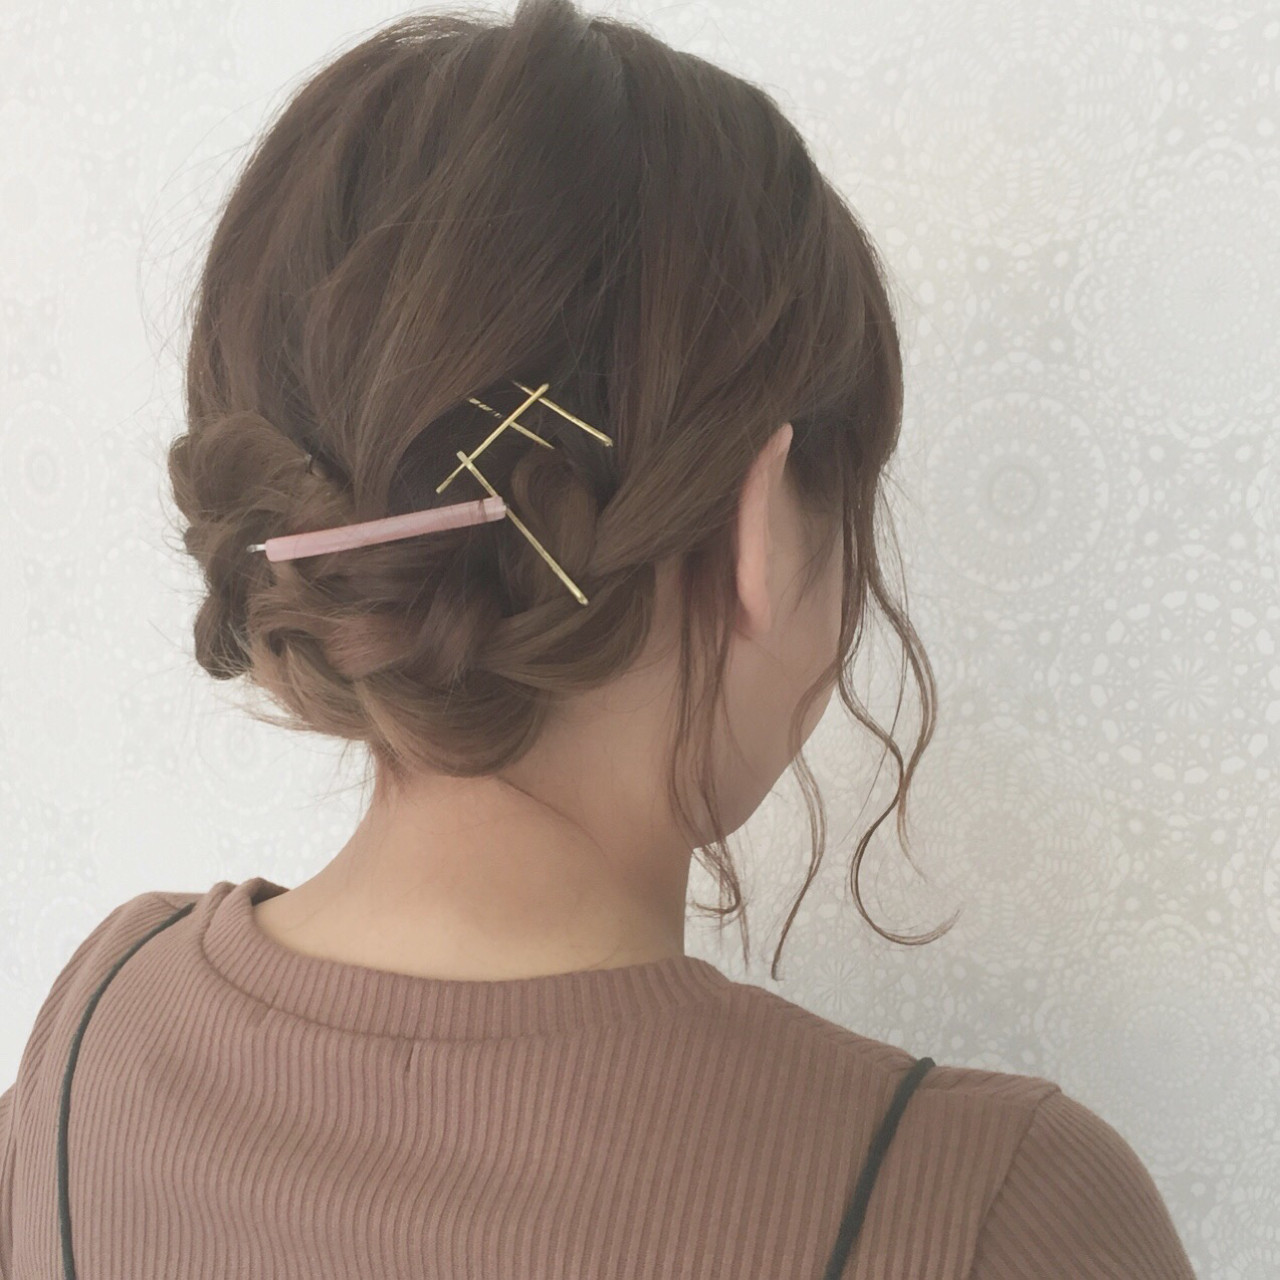 簡単に髪をまとめる方法とアレンジご紹介!ちゃちゃっとカワイクなっちゃう? 石井美那